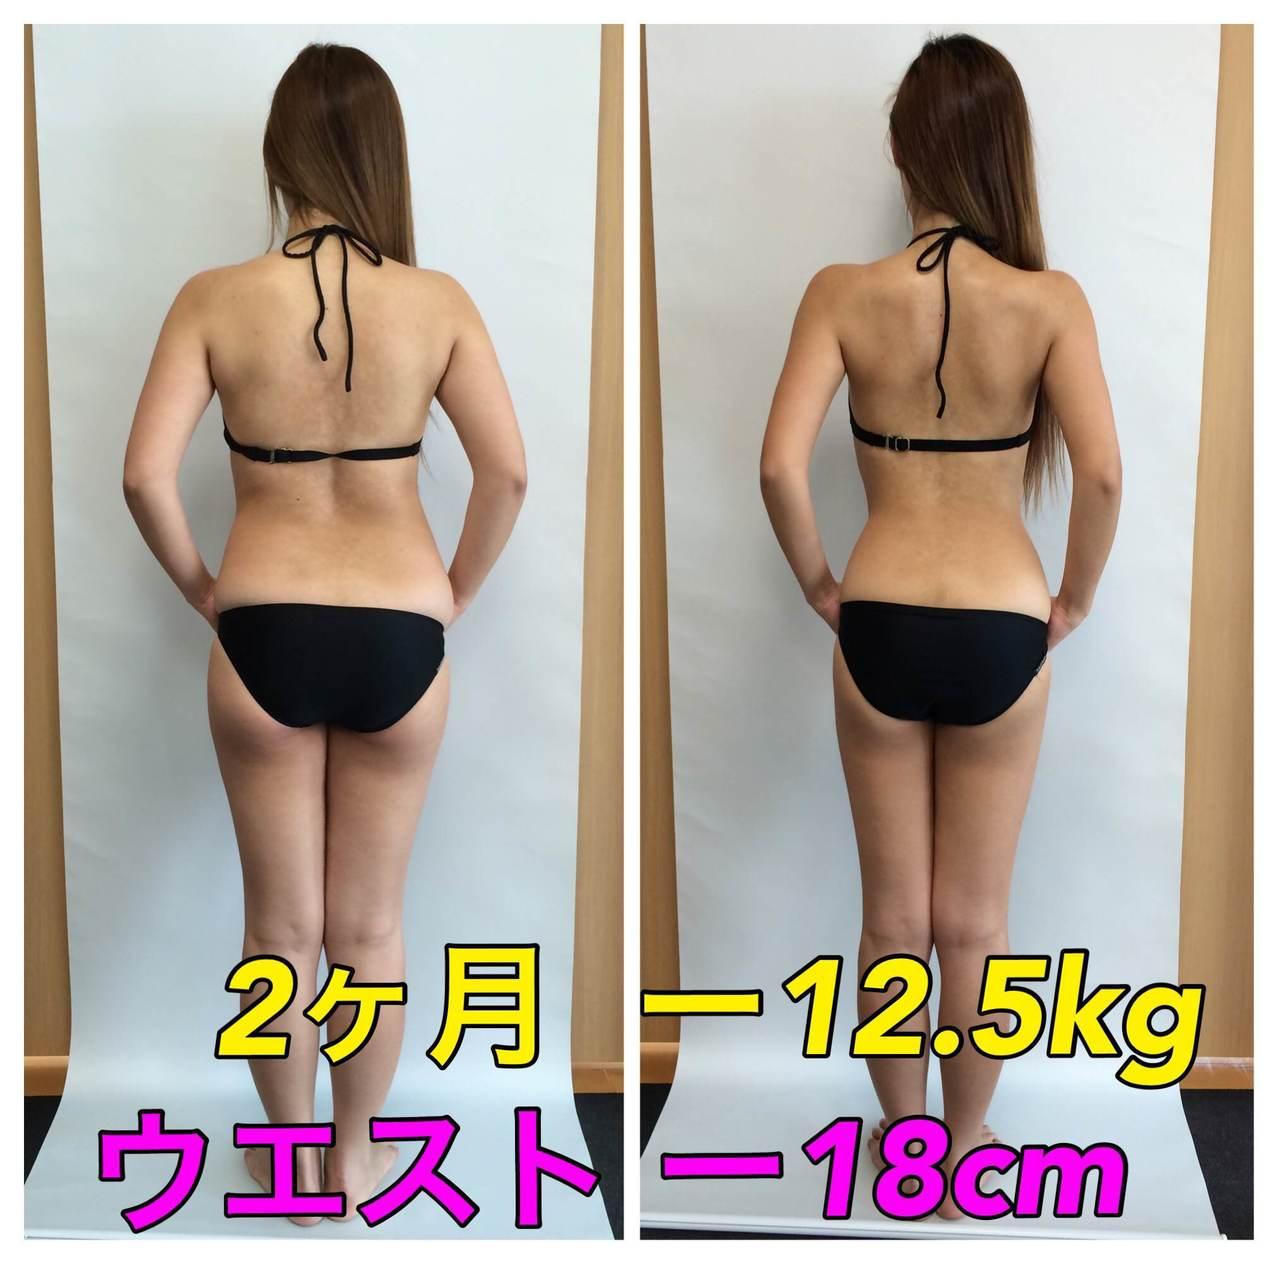 2カ月! 美bodyダイエット(パーソナル)